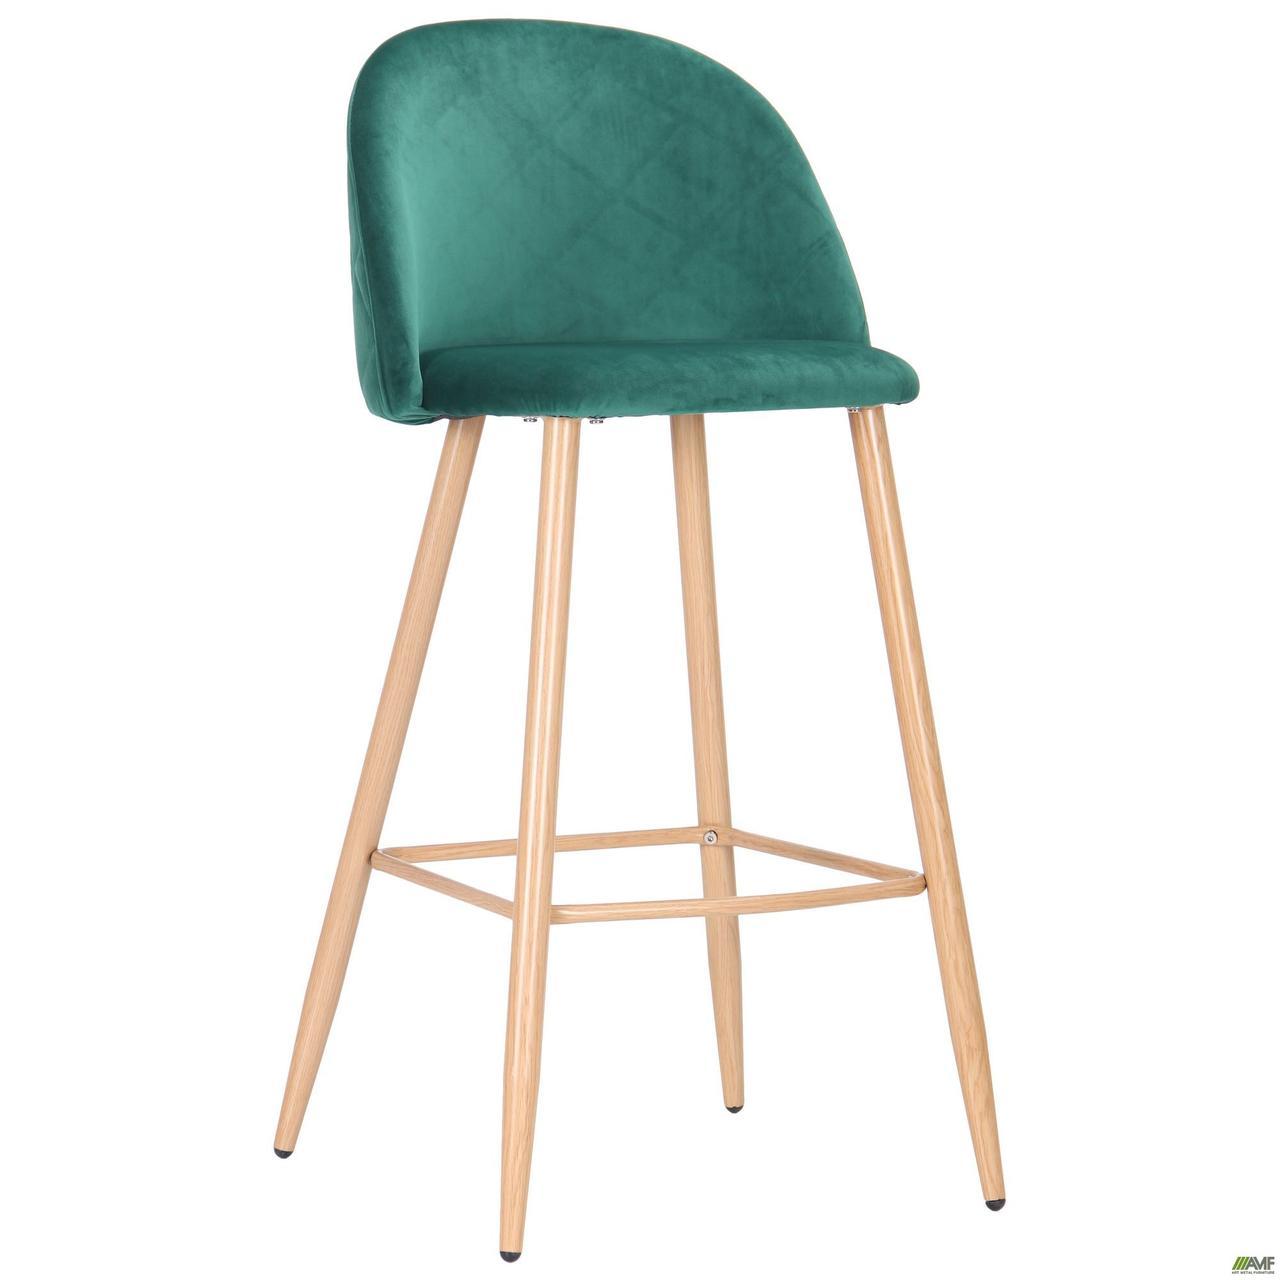 Барный стул высокий Bellini зеленый цвет ткани сидения на металлокаркасе